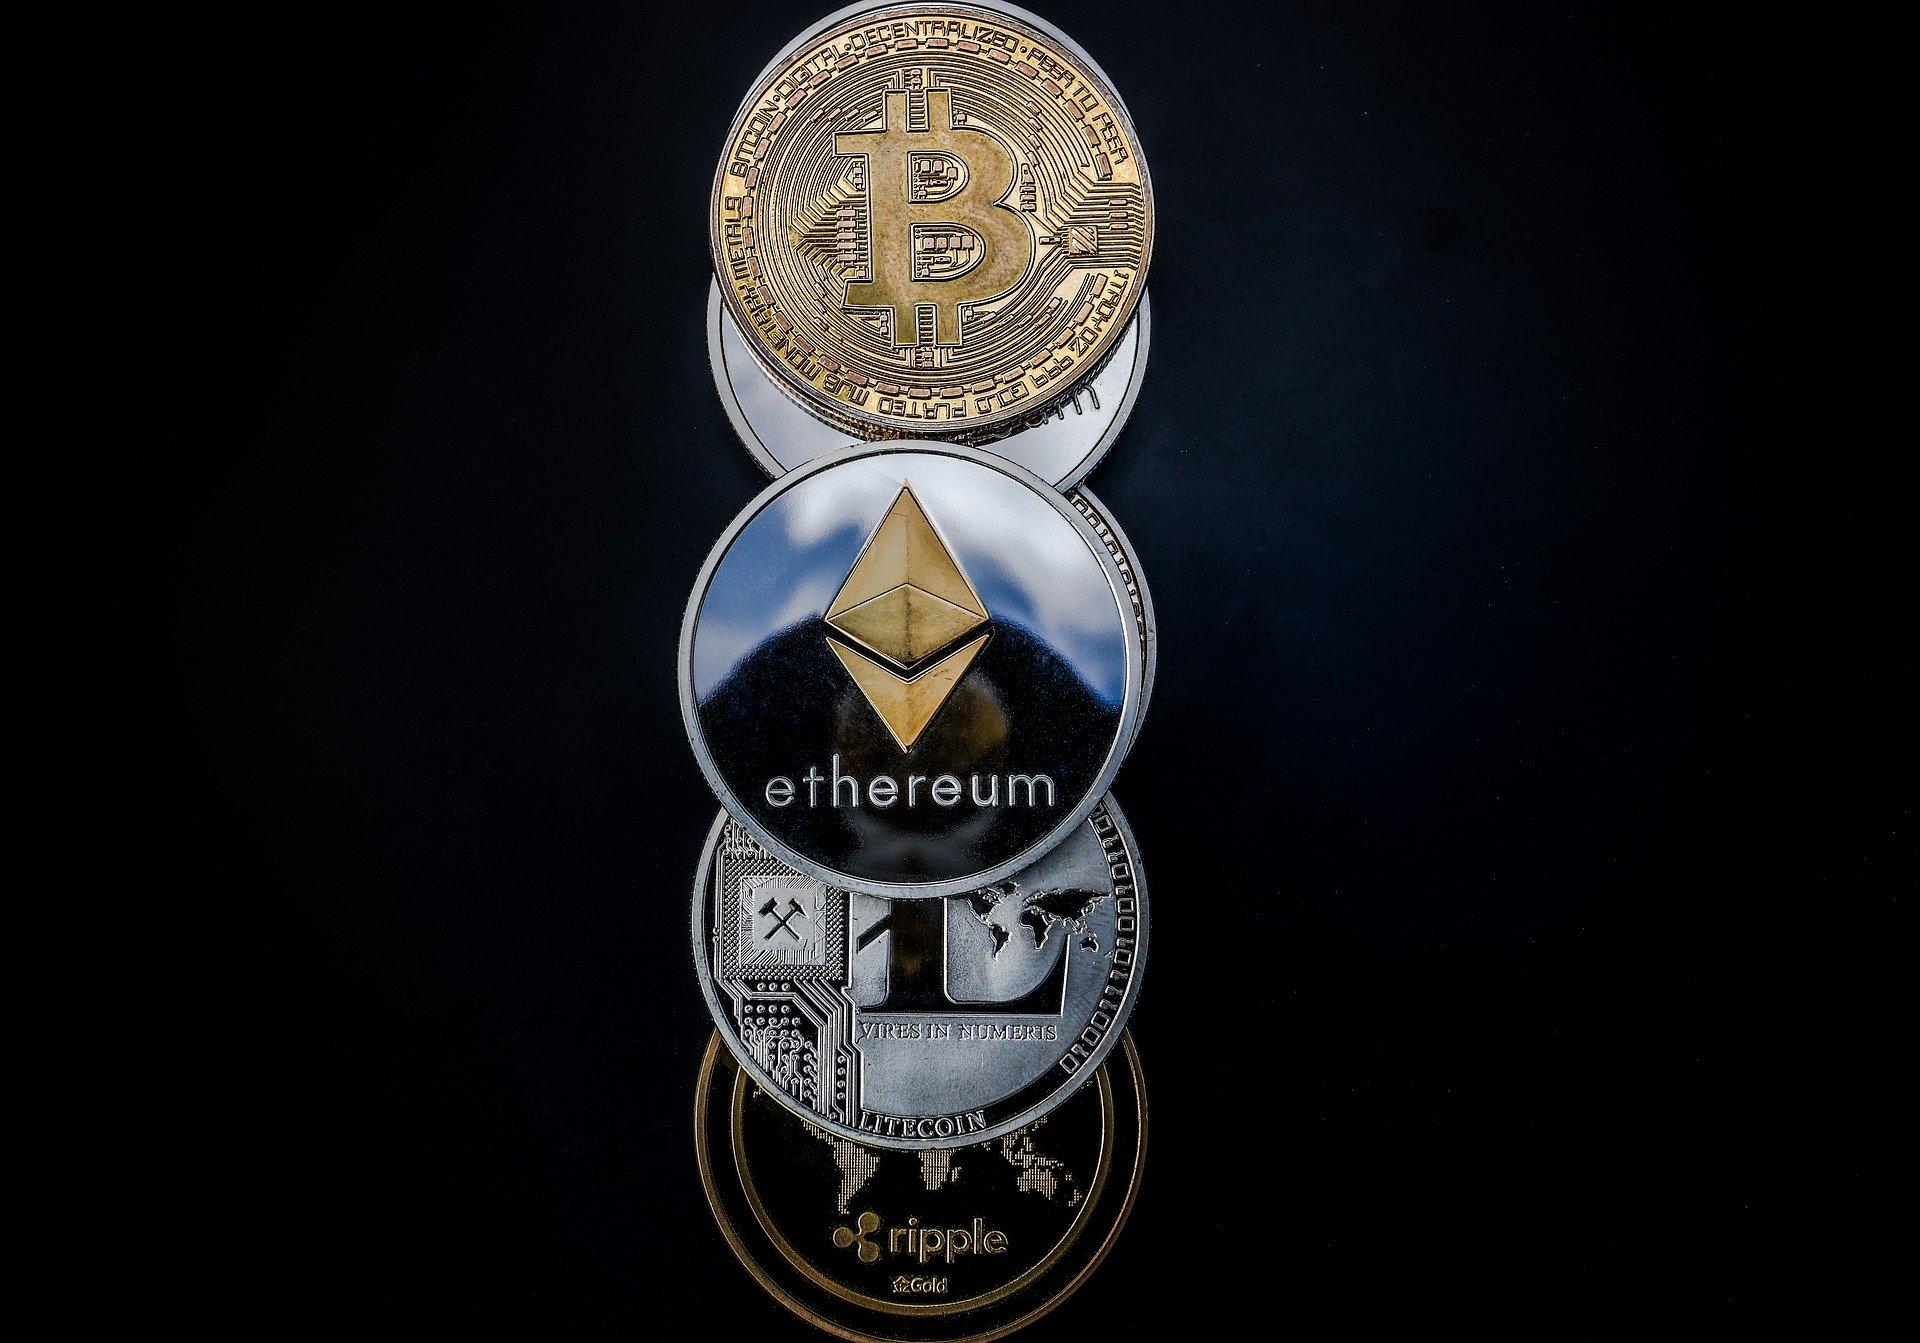 Bitcoin Future meint, dass der Preis fällt